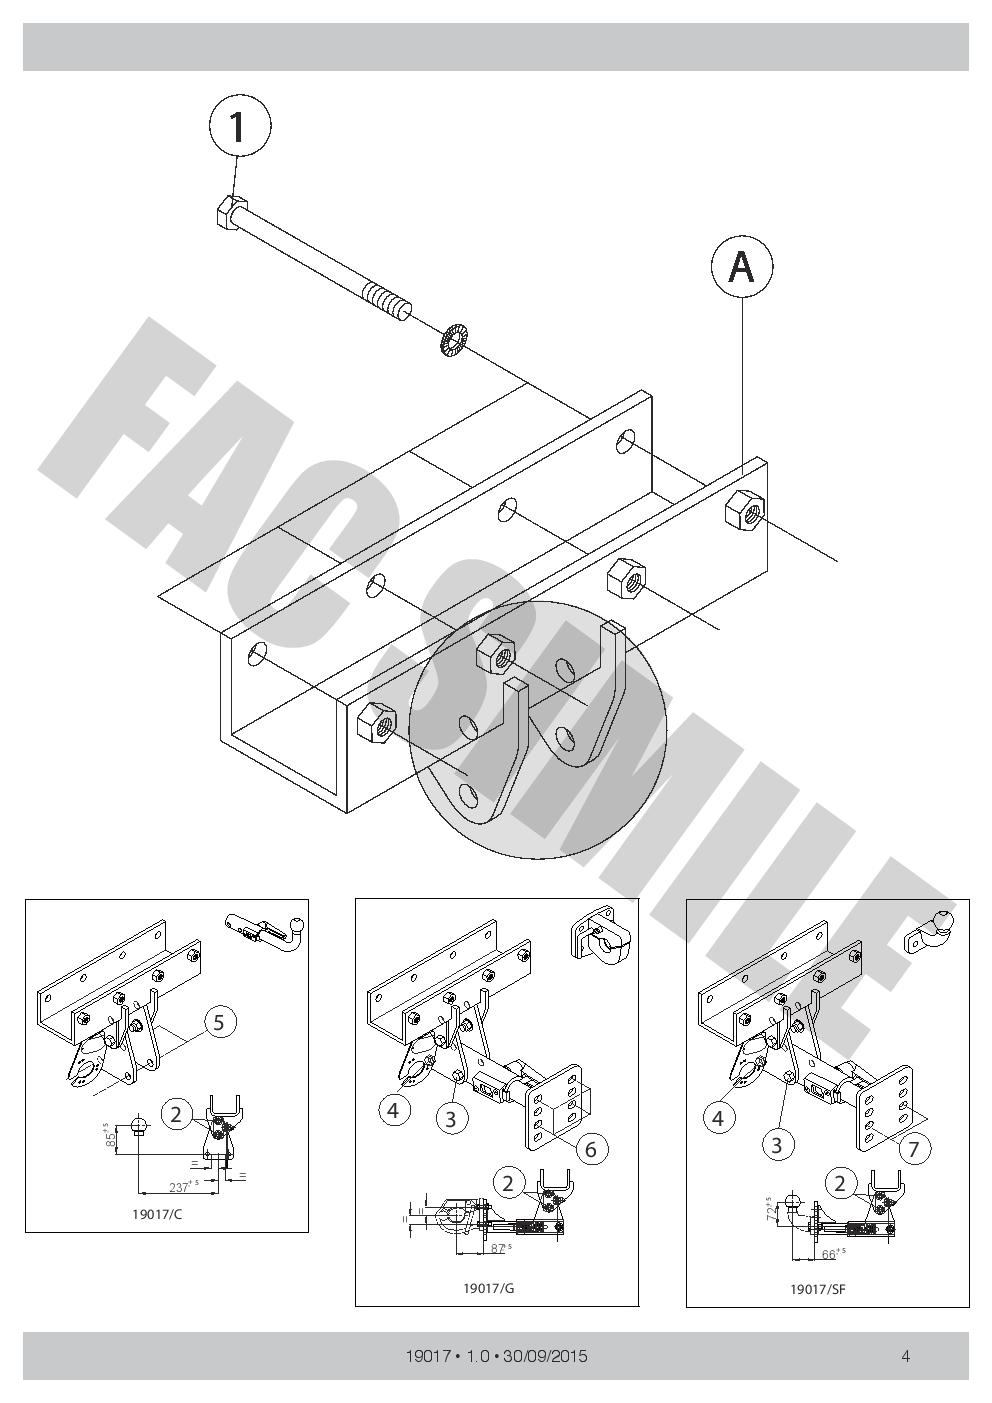 Bola-Remolque-Desmont-Kit-C2-7pin-para-Jeep-Wrangler-4WD-2007-19017-C-E1